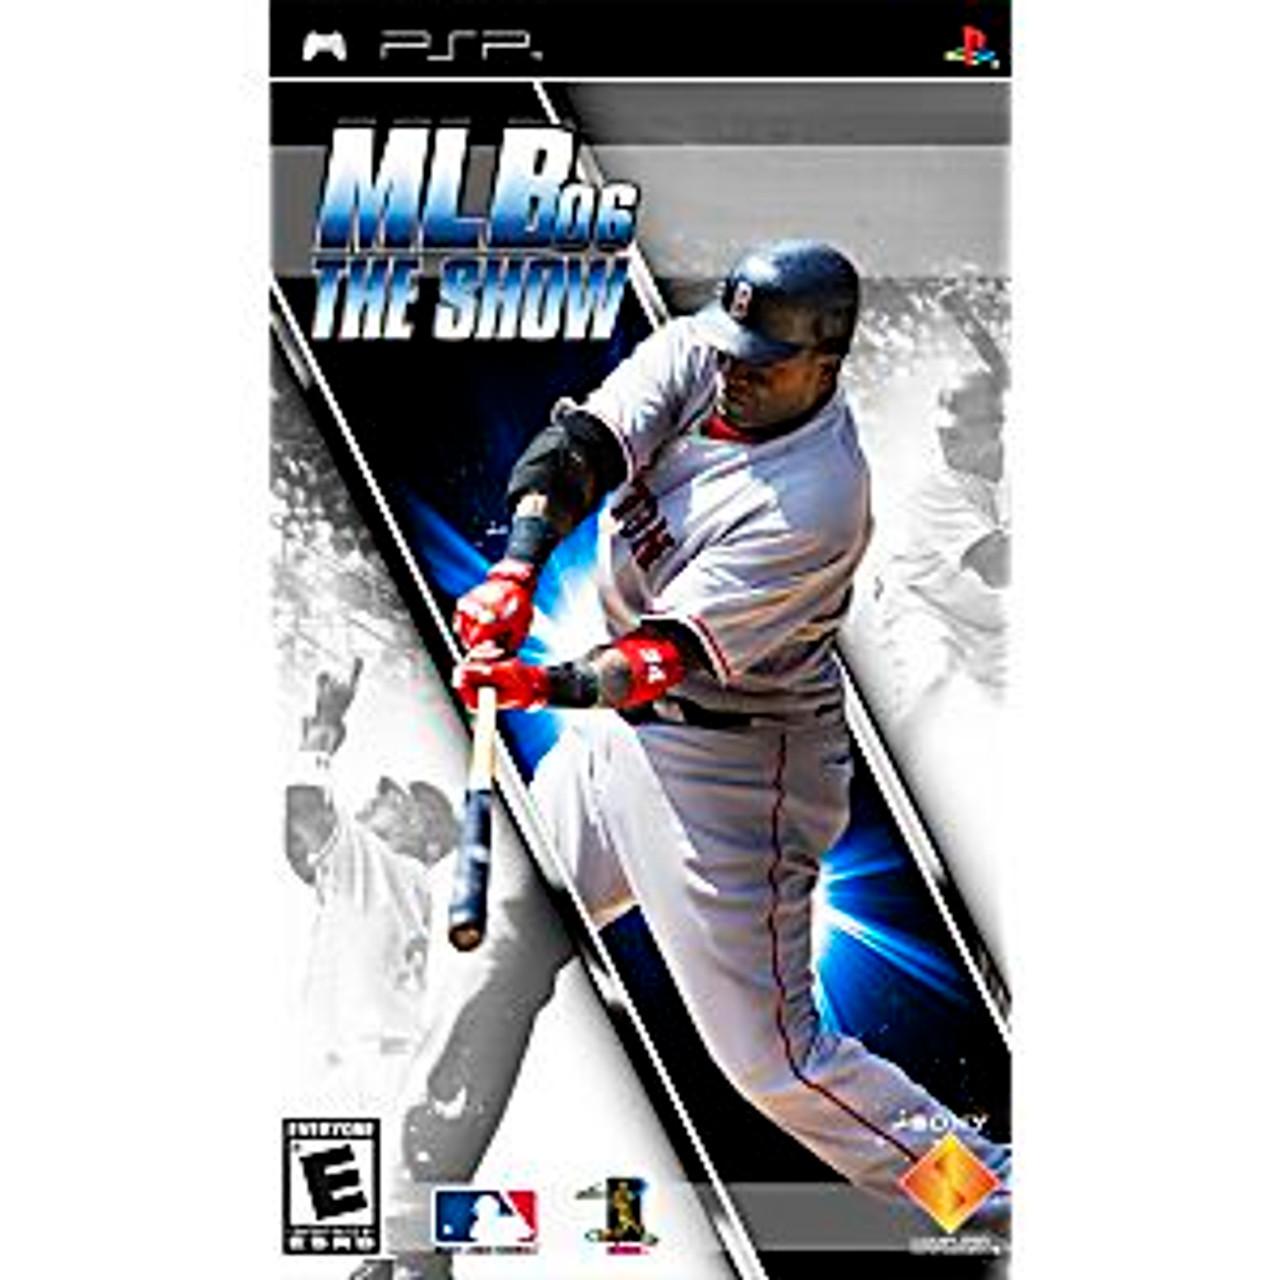 MLB 06 THE SHOW [E] - PSP